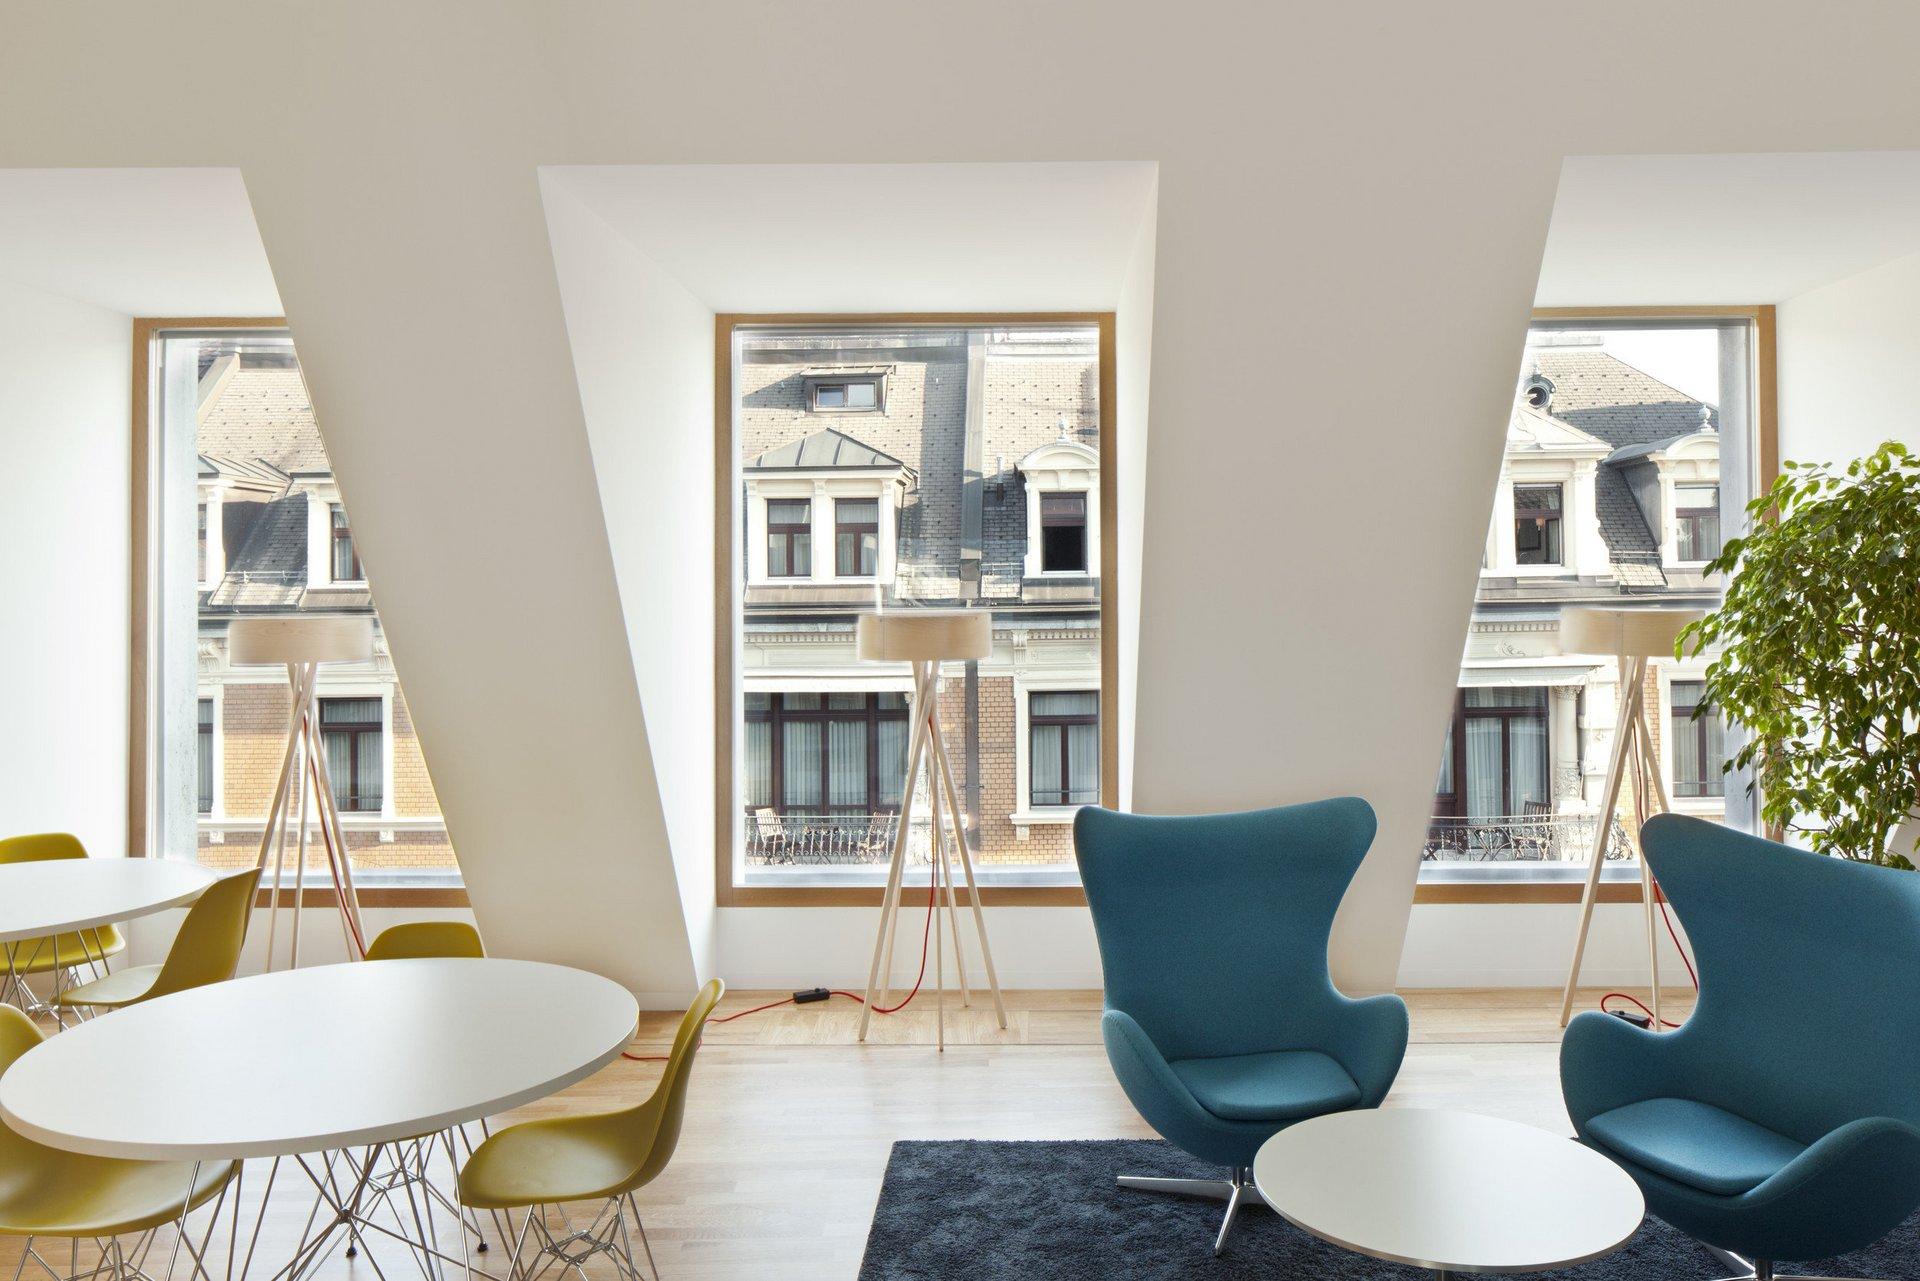 3 grosse Sonderfenster in Dachgaube in modern möbliertem Raum